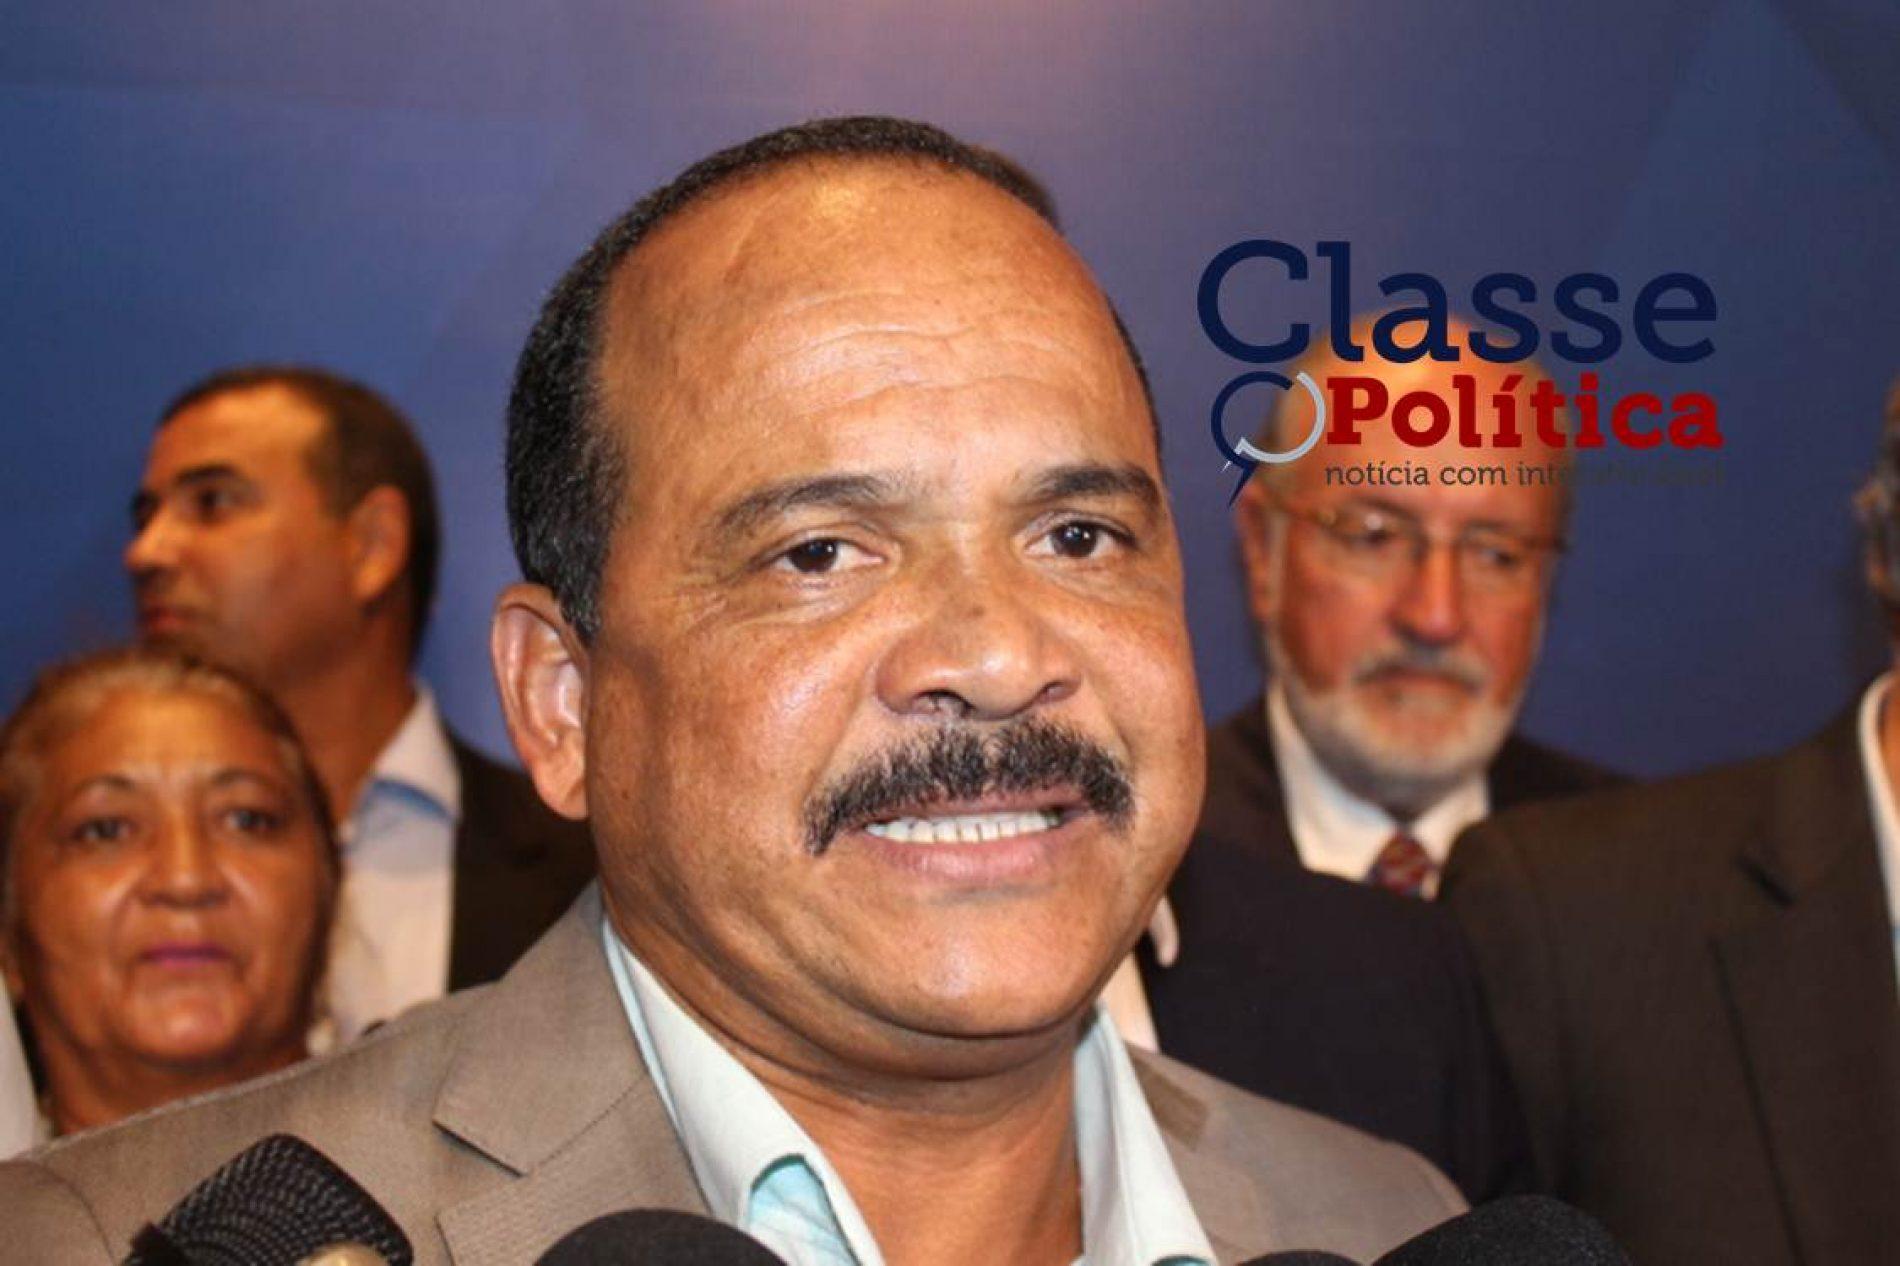 Camaçari: Após chegada da UFBA, Elinaldo promete transformar cidade em polo universitário; ASSISTA